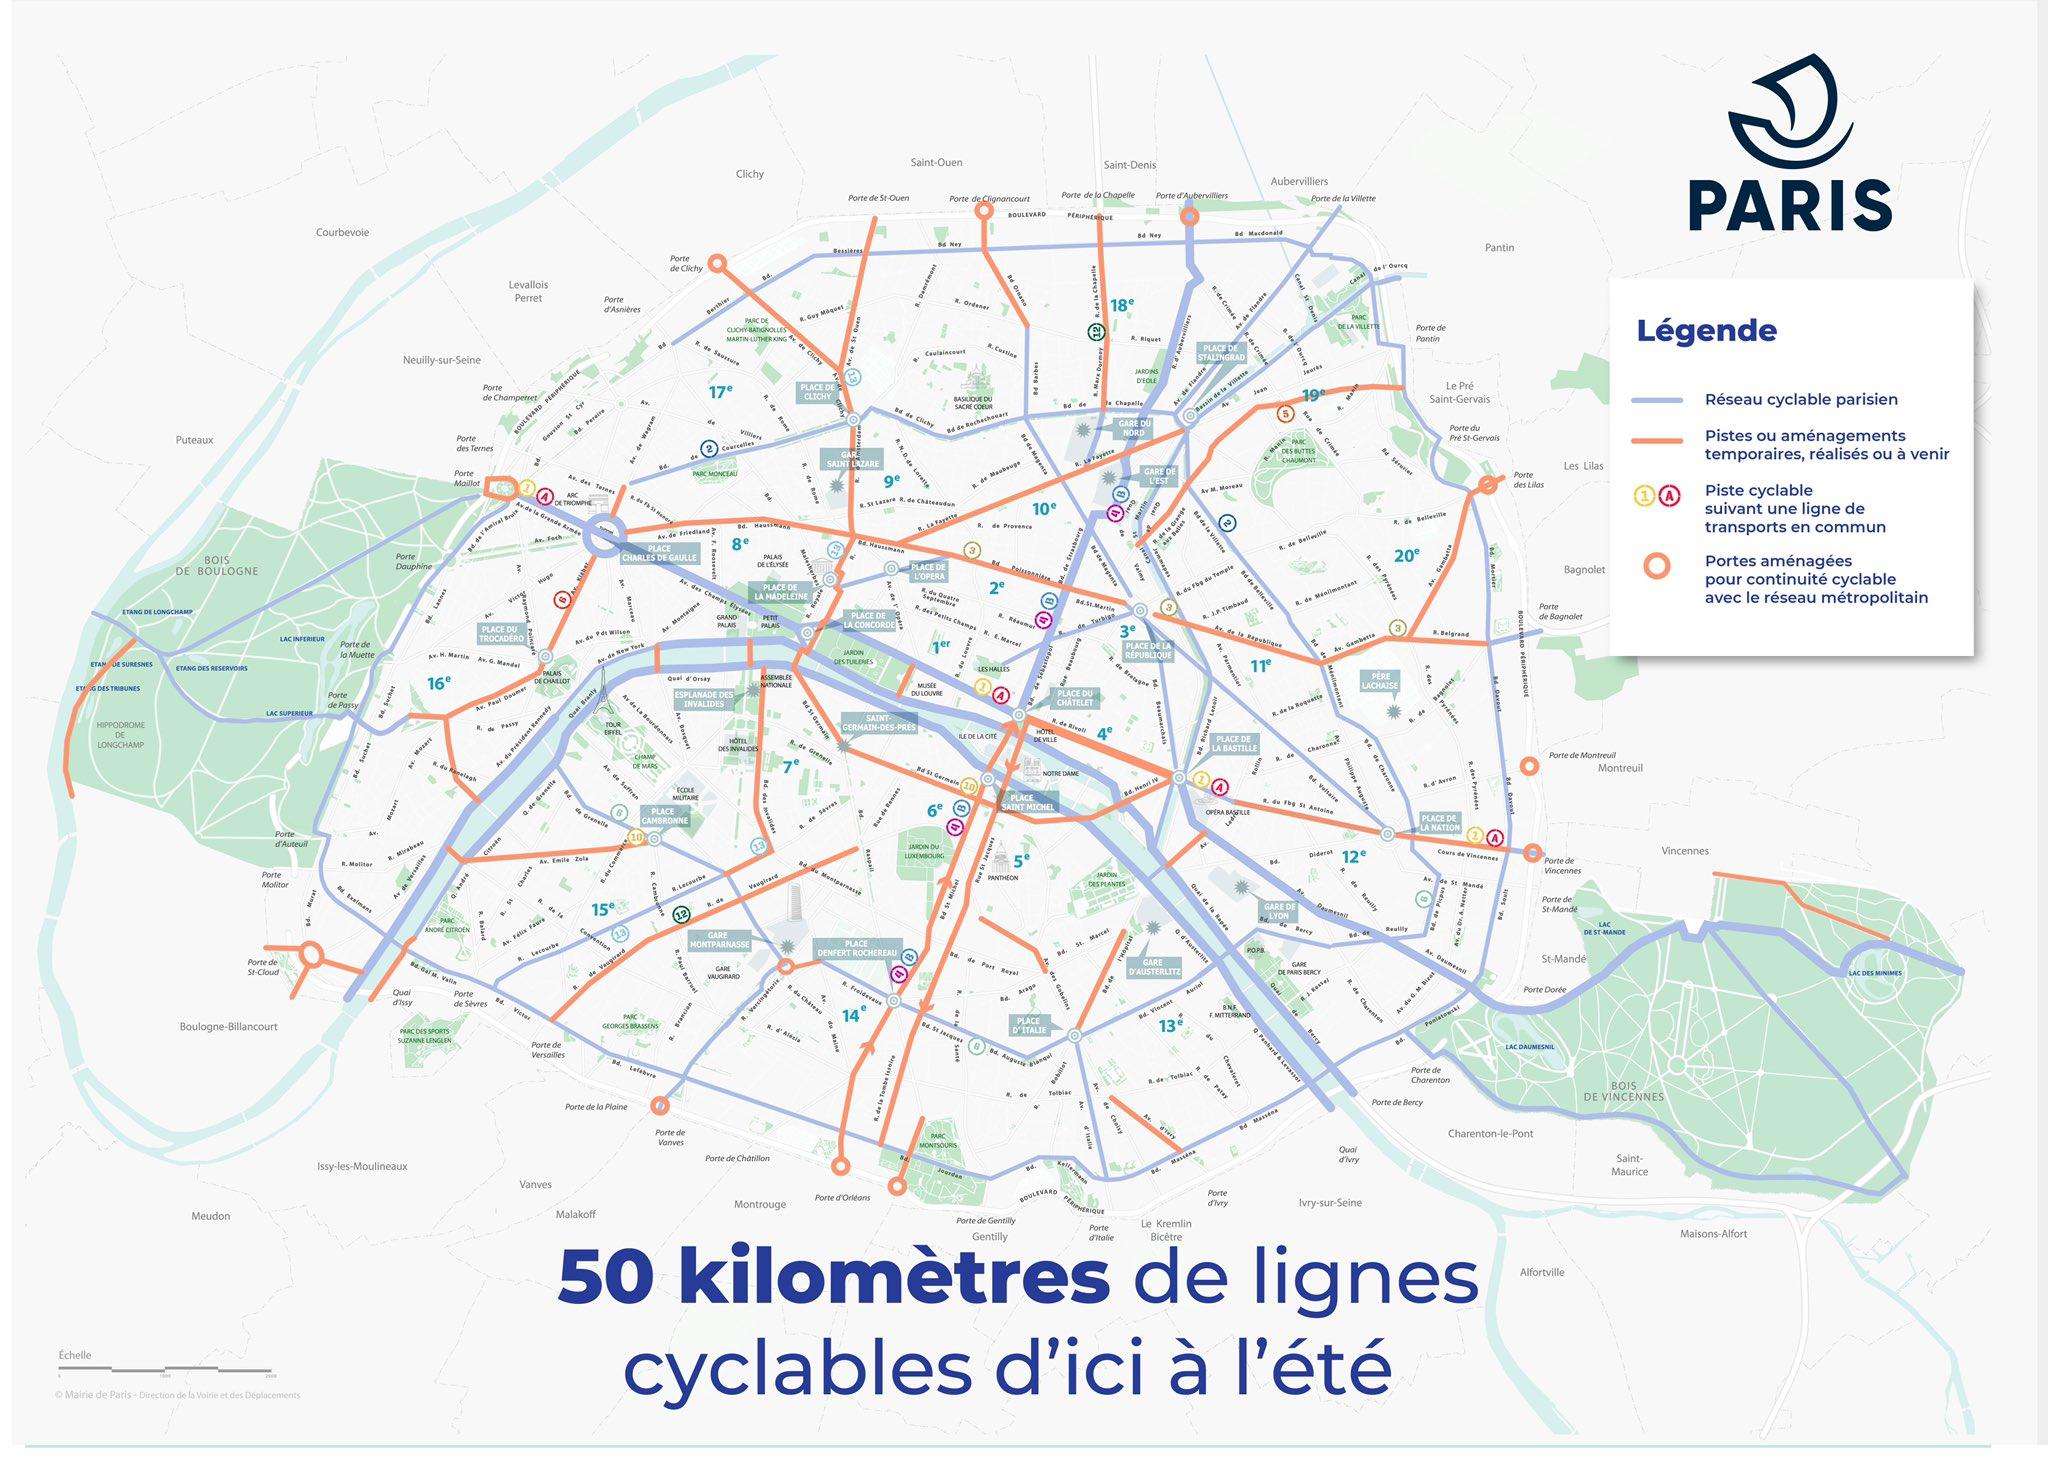 Paris Decouvrez Ou Sont Les 50 Km De Nouvelles Pistes Cyclables Cnews